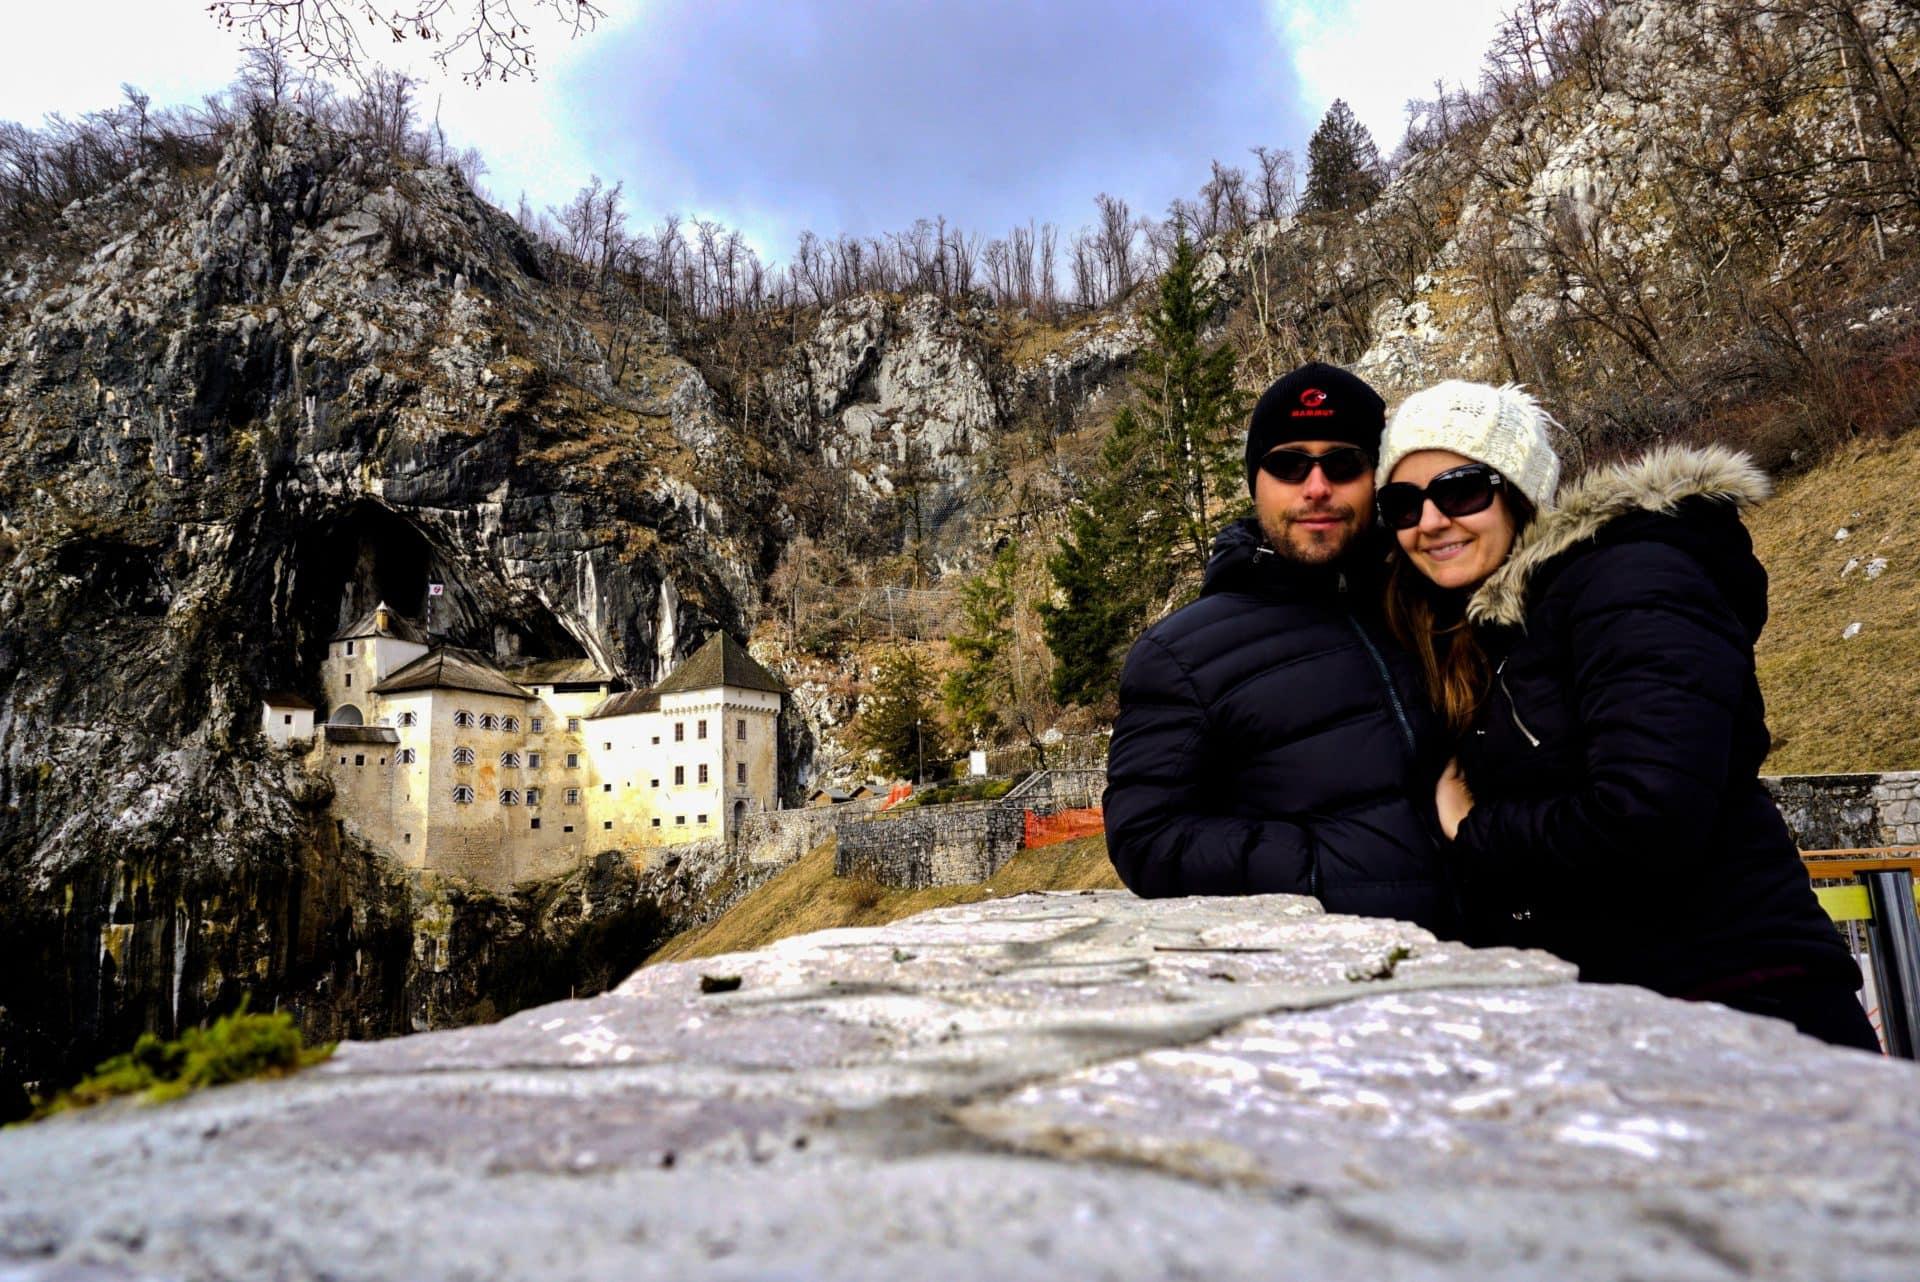 Predjama Castle, Slovenia - Experiencing the Globe